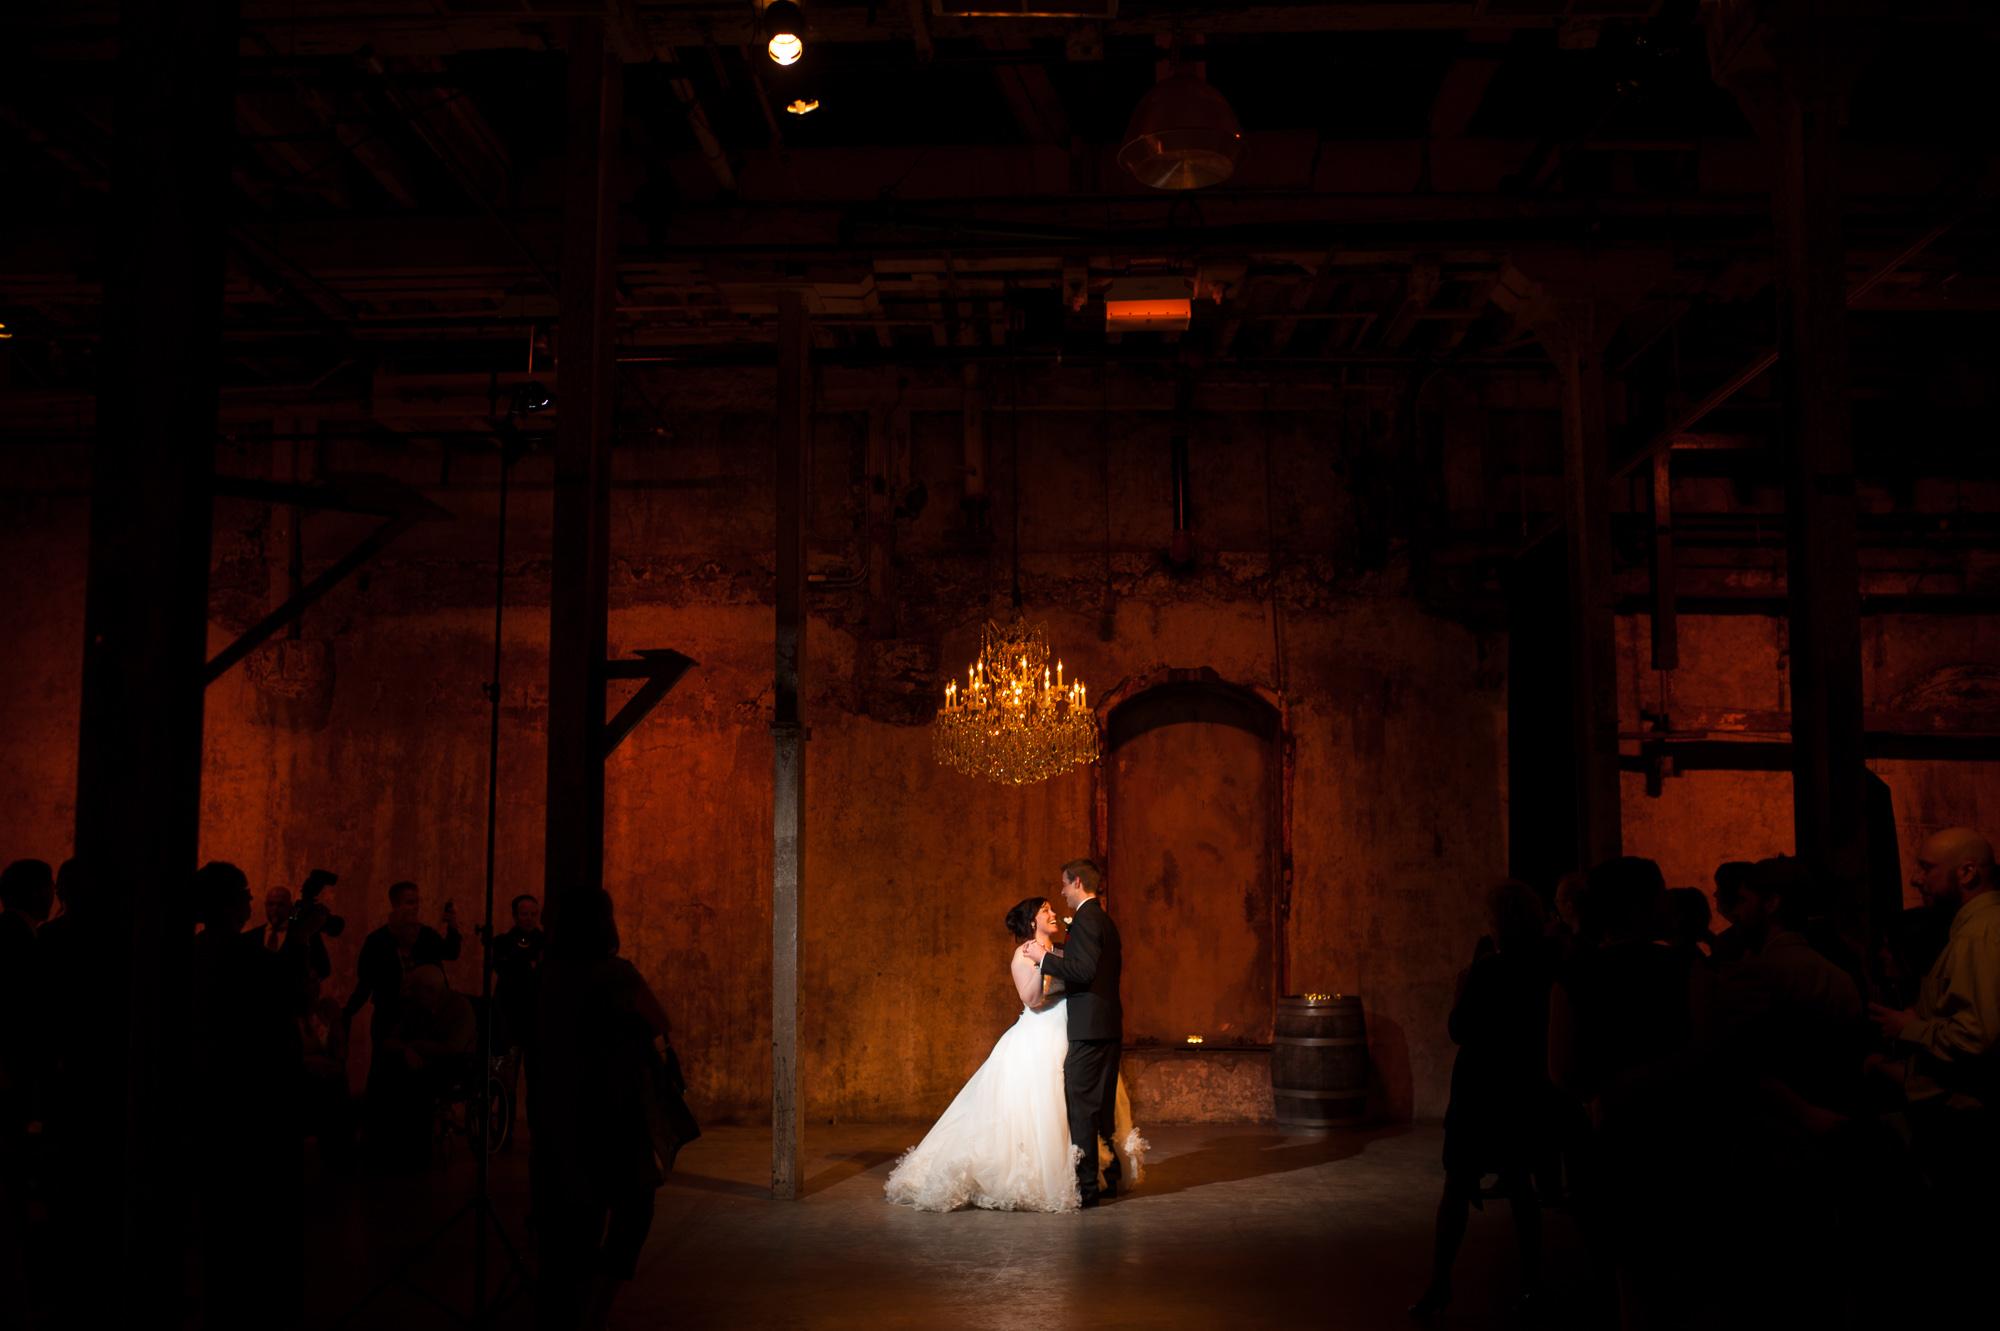 fermenting-Cellar-wedding-004.jpg